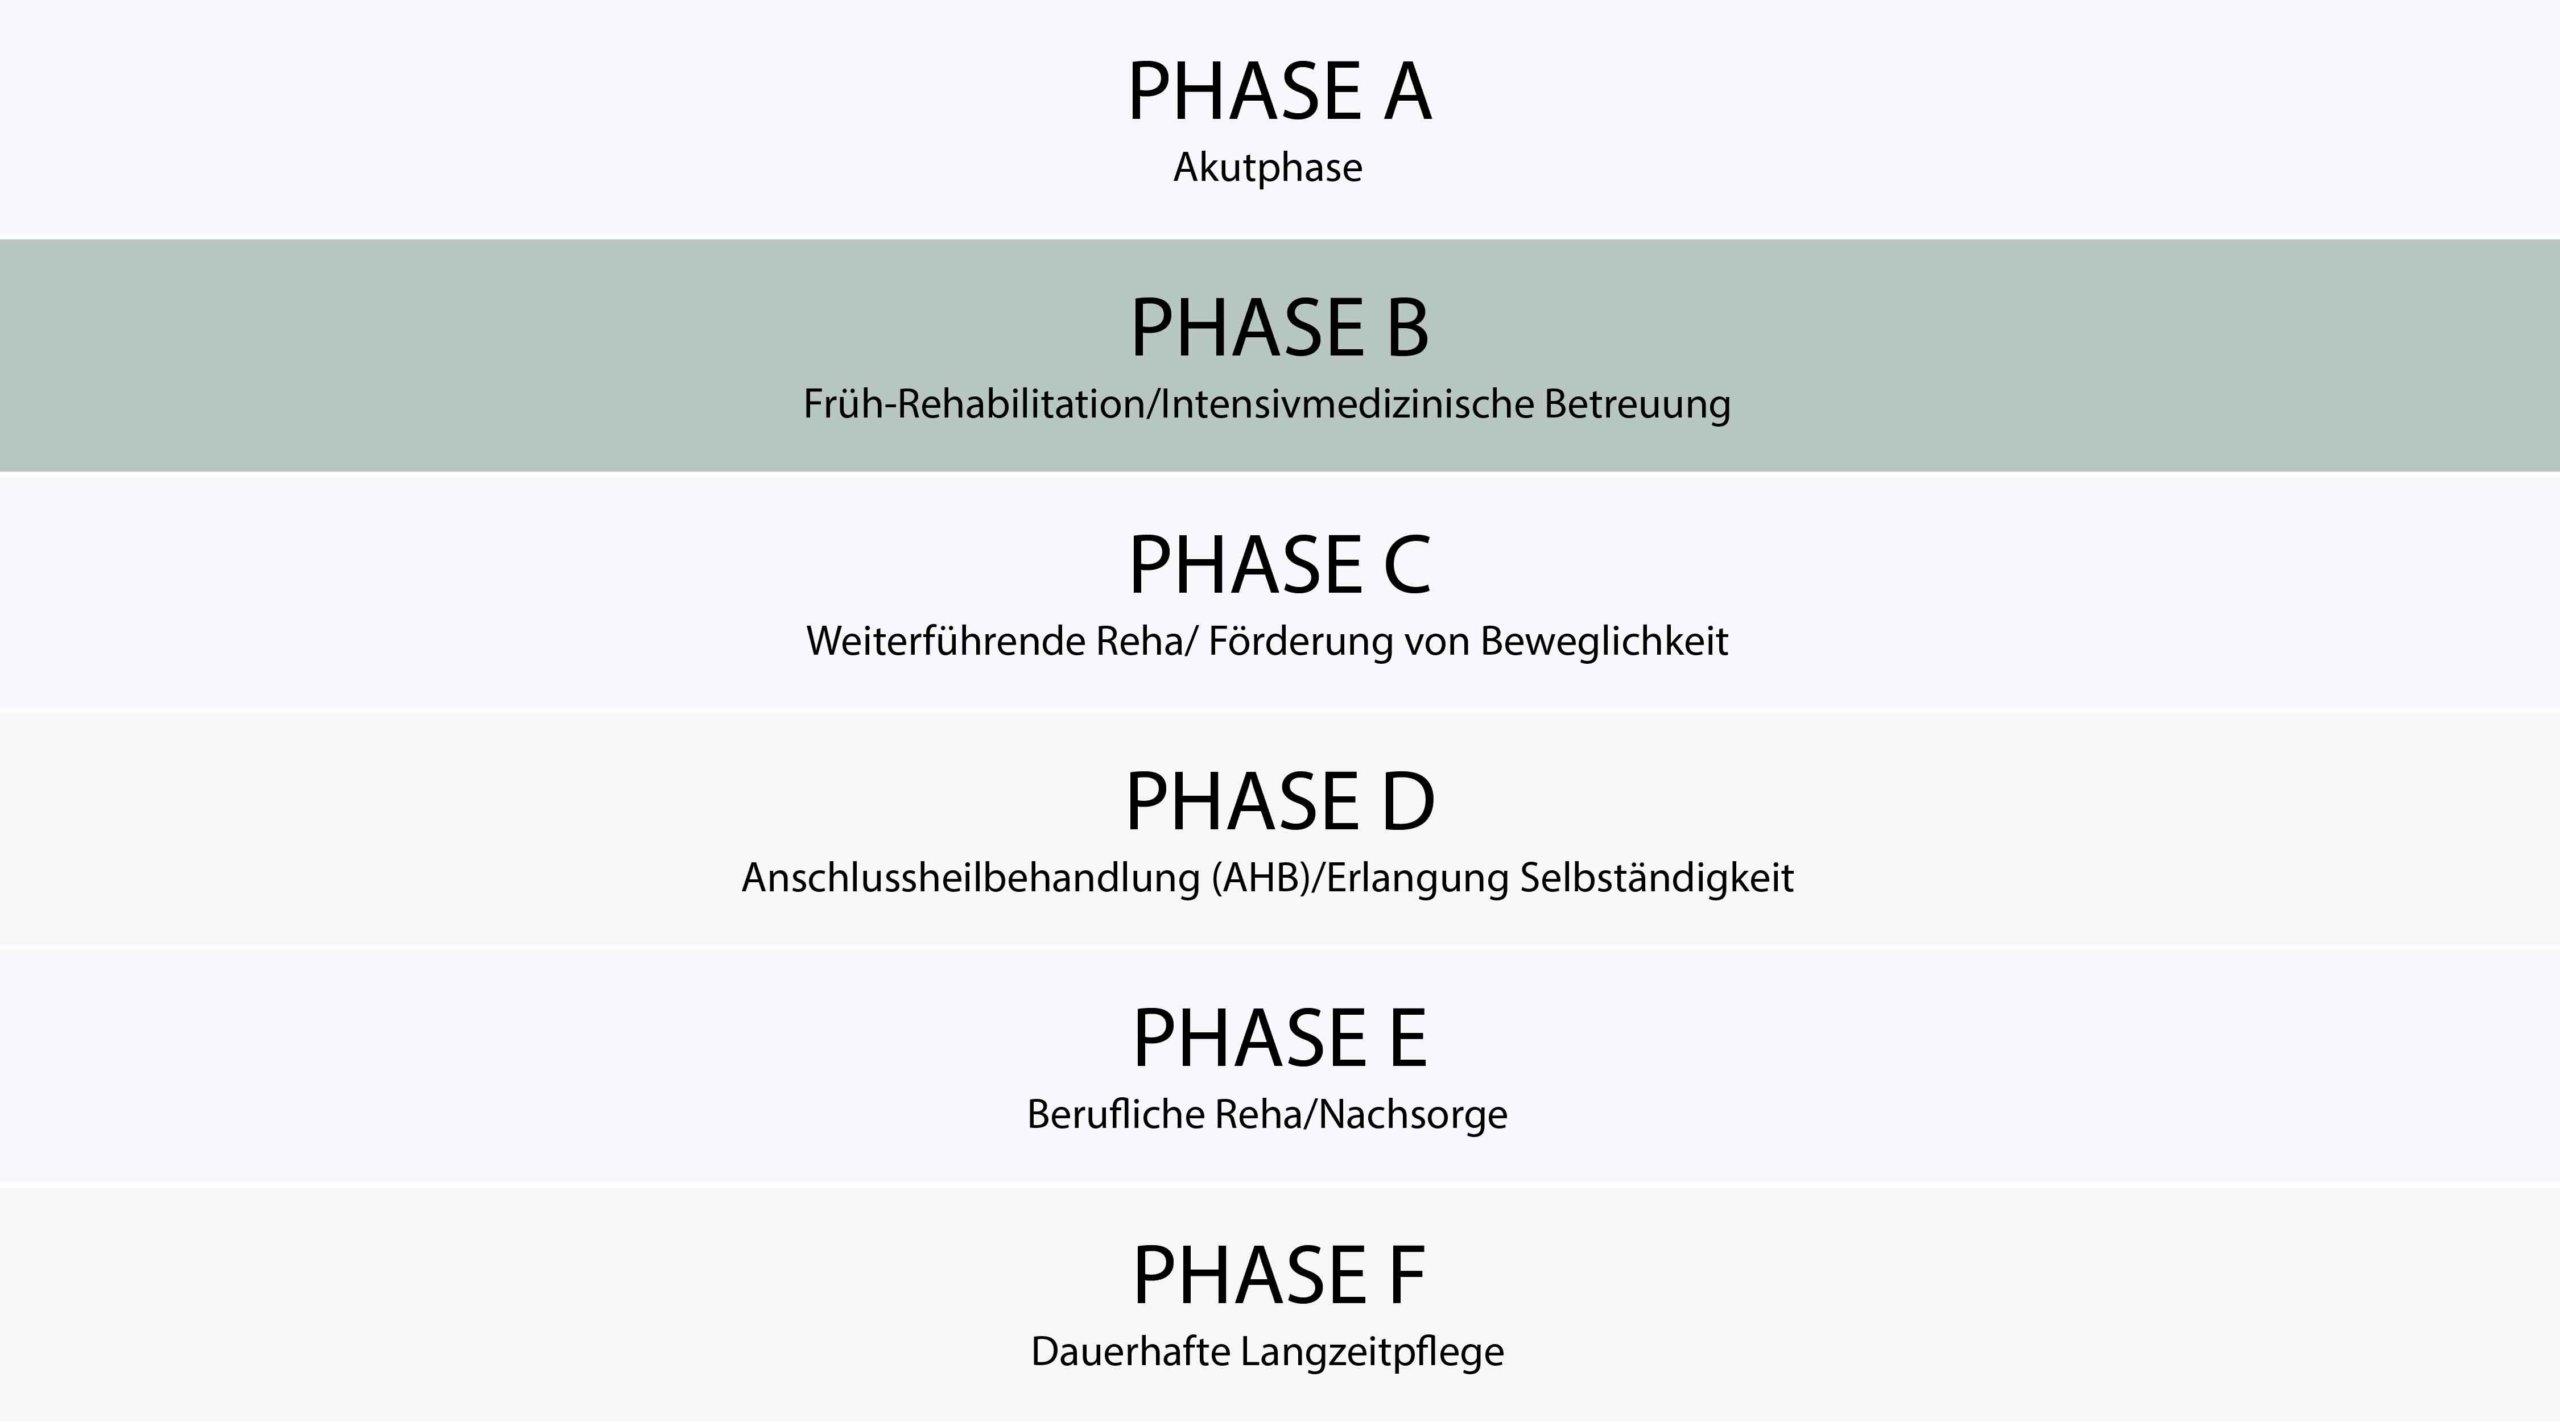 Schaubild des Phasenmodels mit Phase B